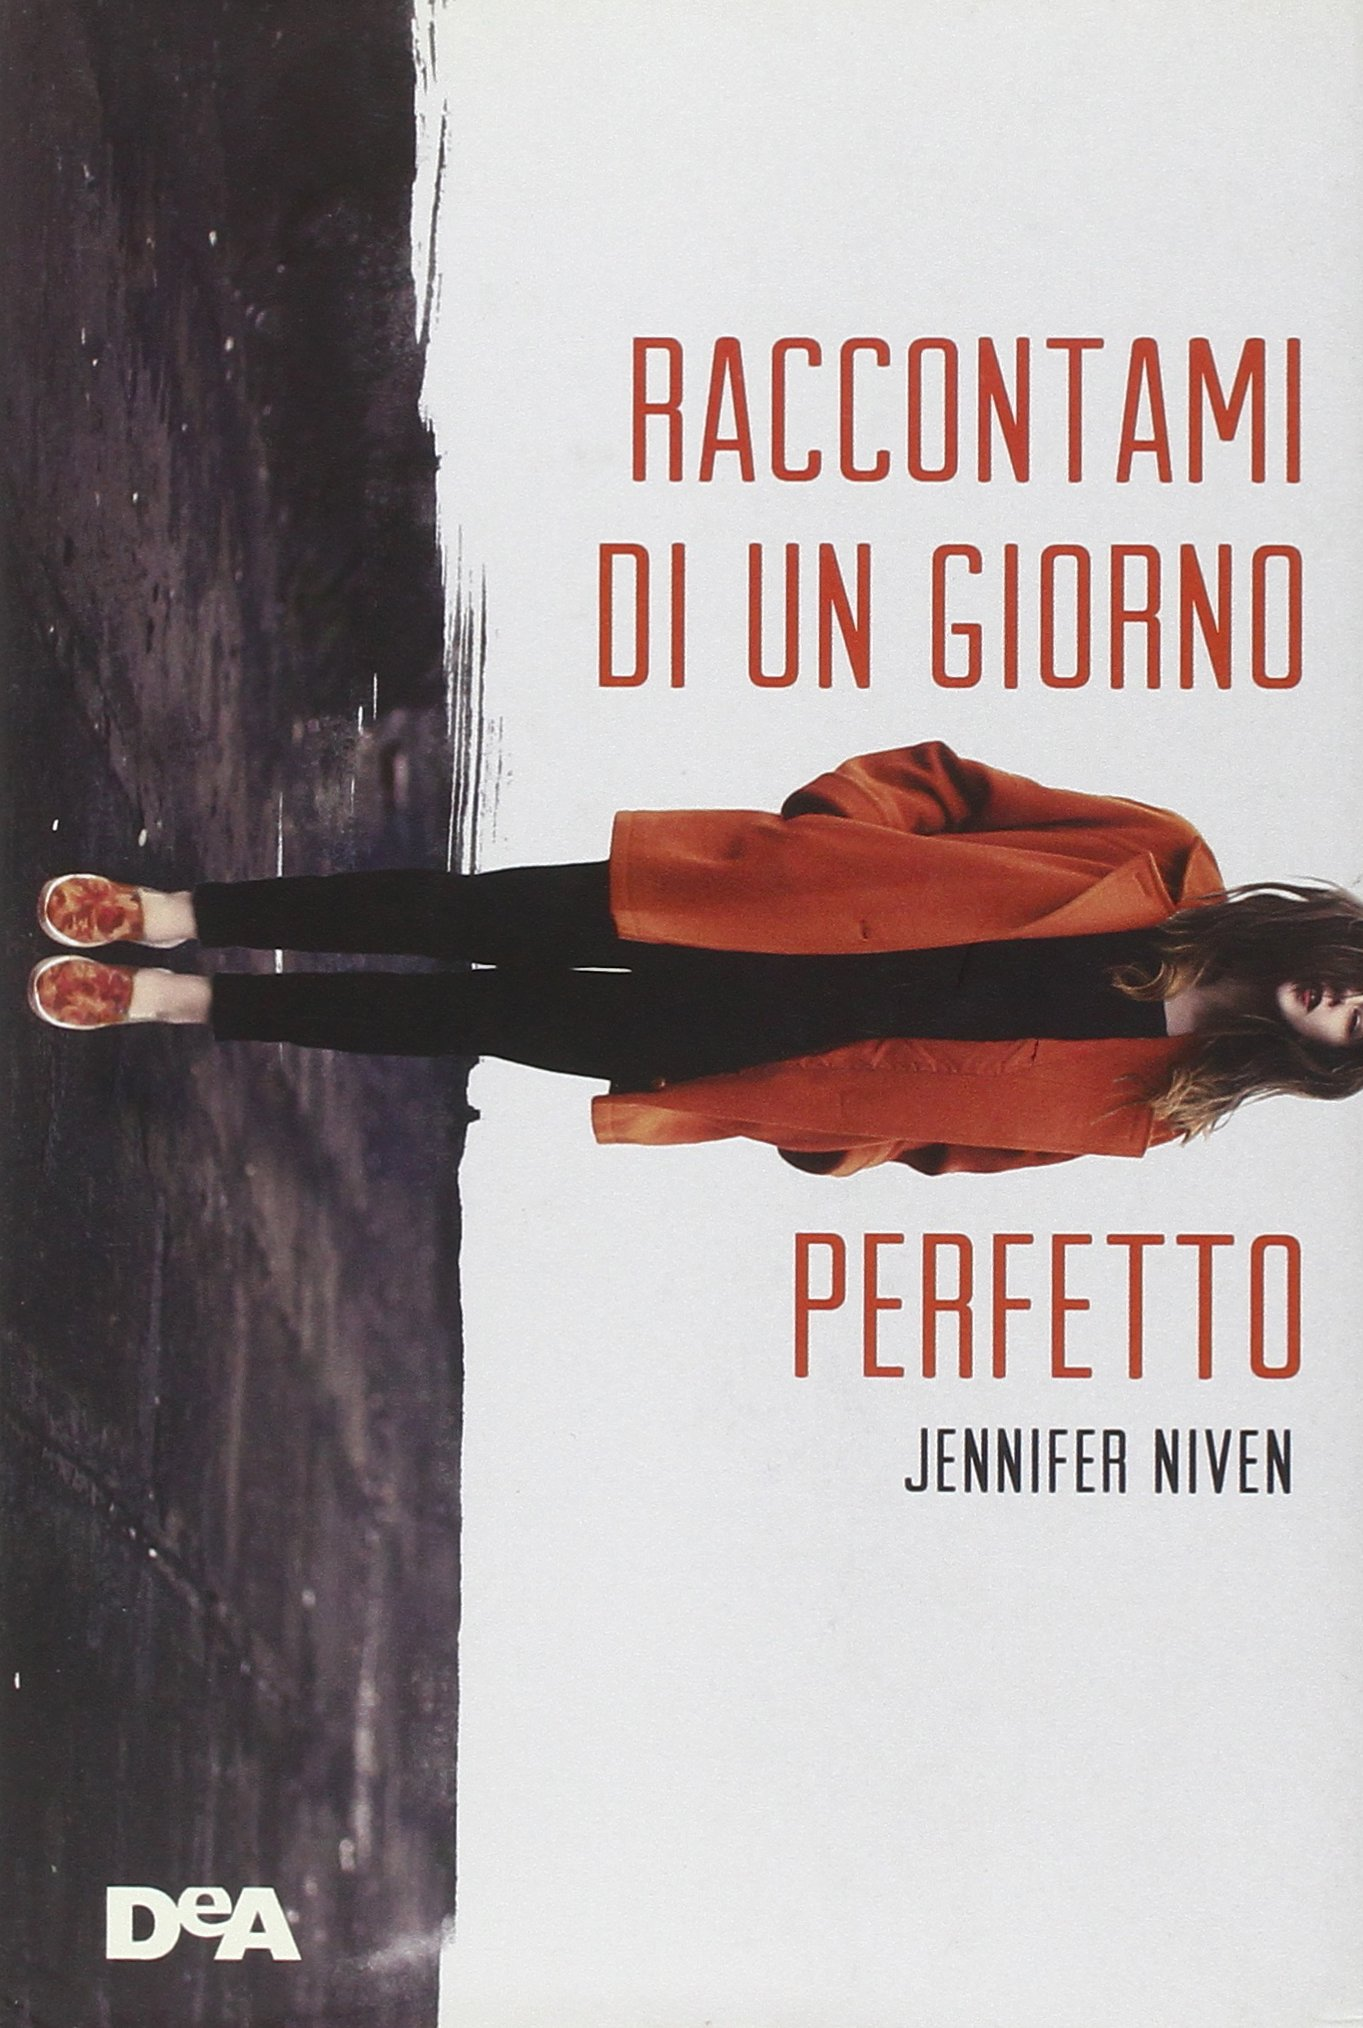 Amazon.it: Raccontami di un giorno perfetto - Niven, Jennifer, Mambrini, S.  - Libri